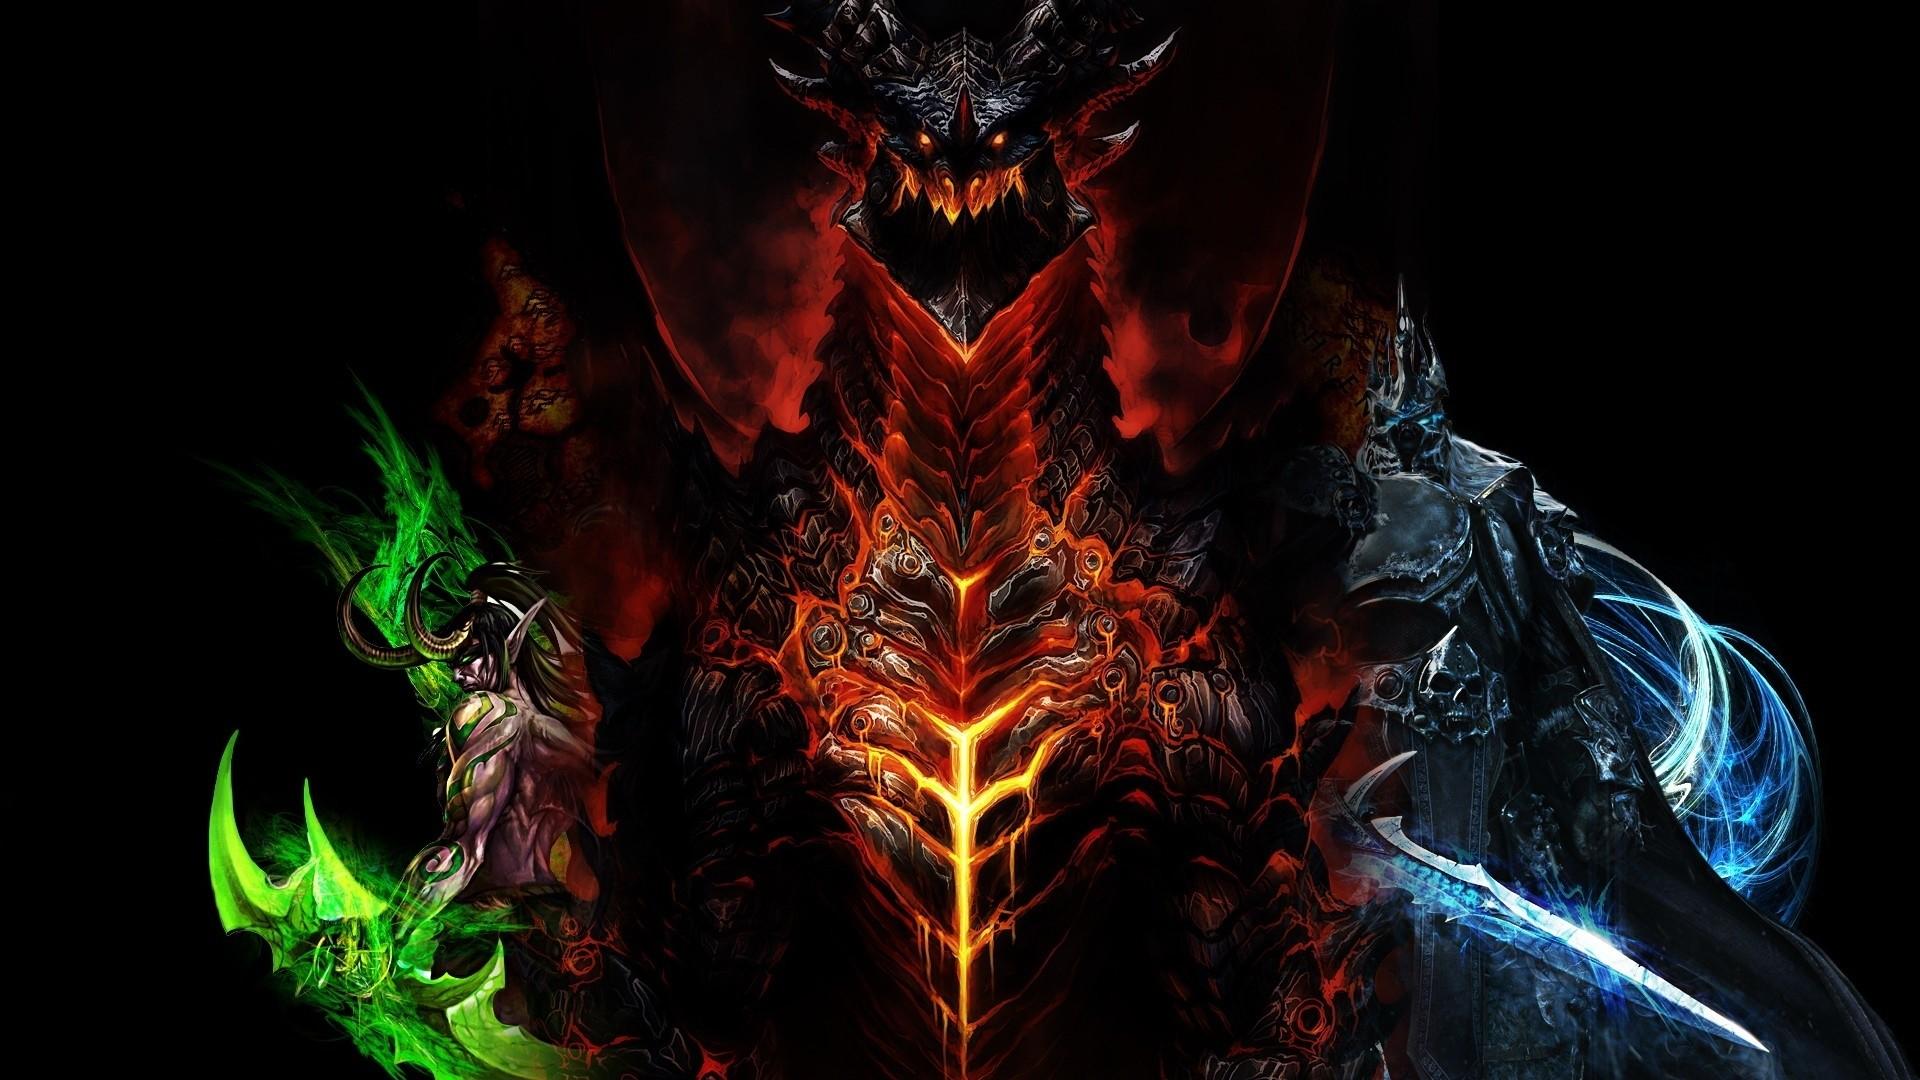 1920x1080 World Of Warcraft WOW Dark Demon Demons Fantasy Wallpaper